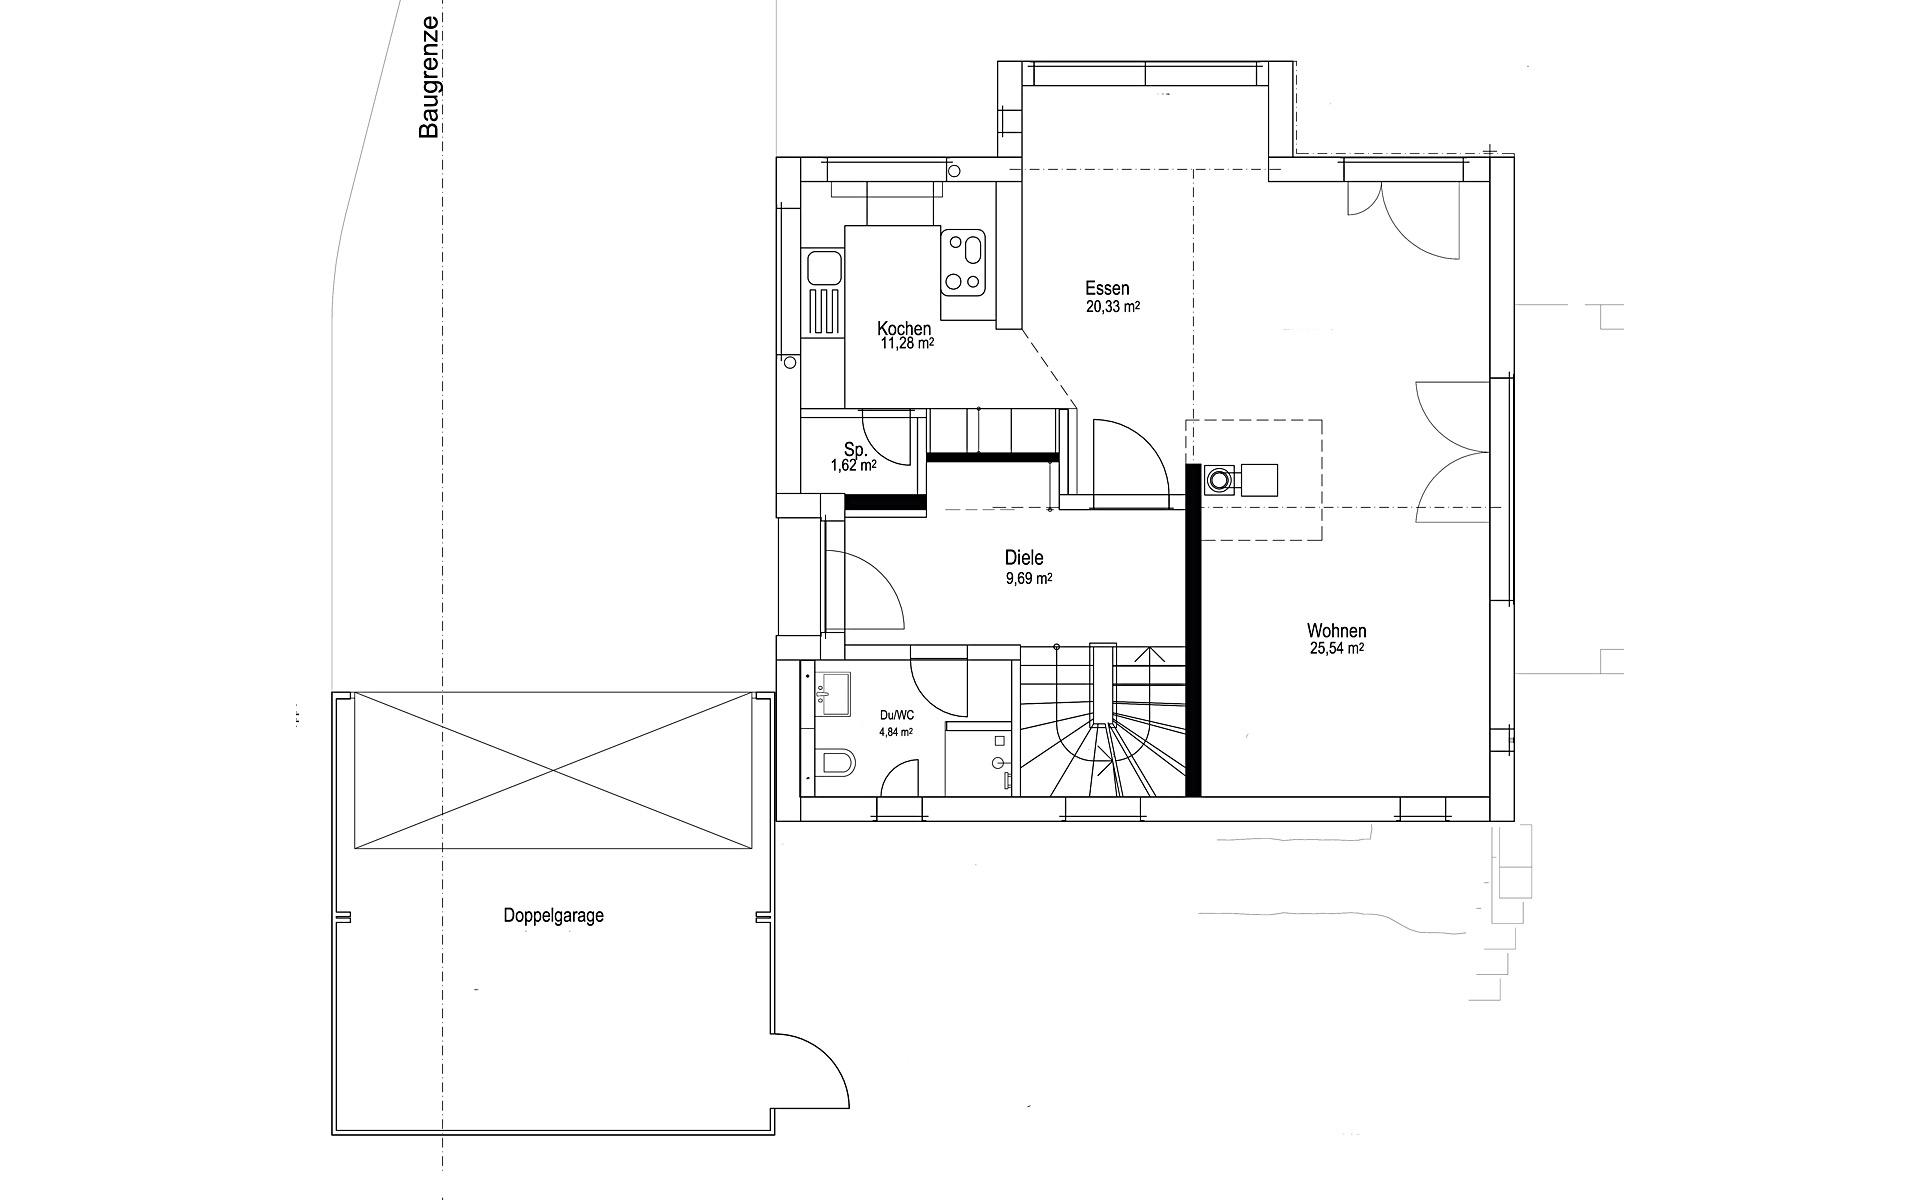 Erdgeschoss Satteldach Landhaus 143 von LUXHAUS Vertrieb GmbH & Co. KG